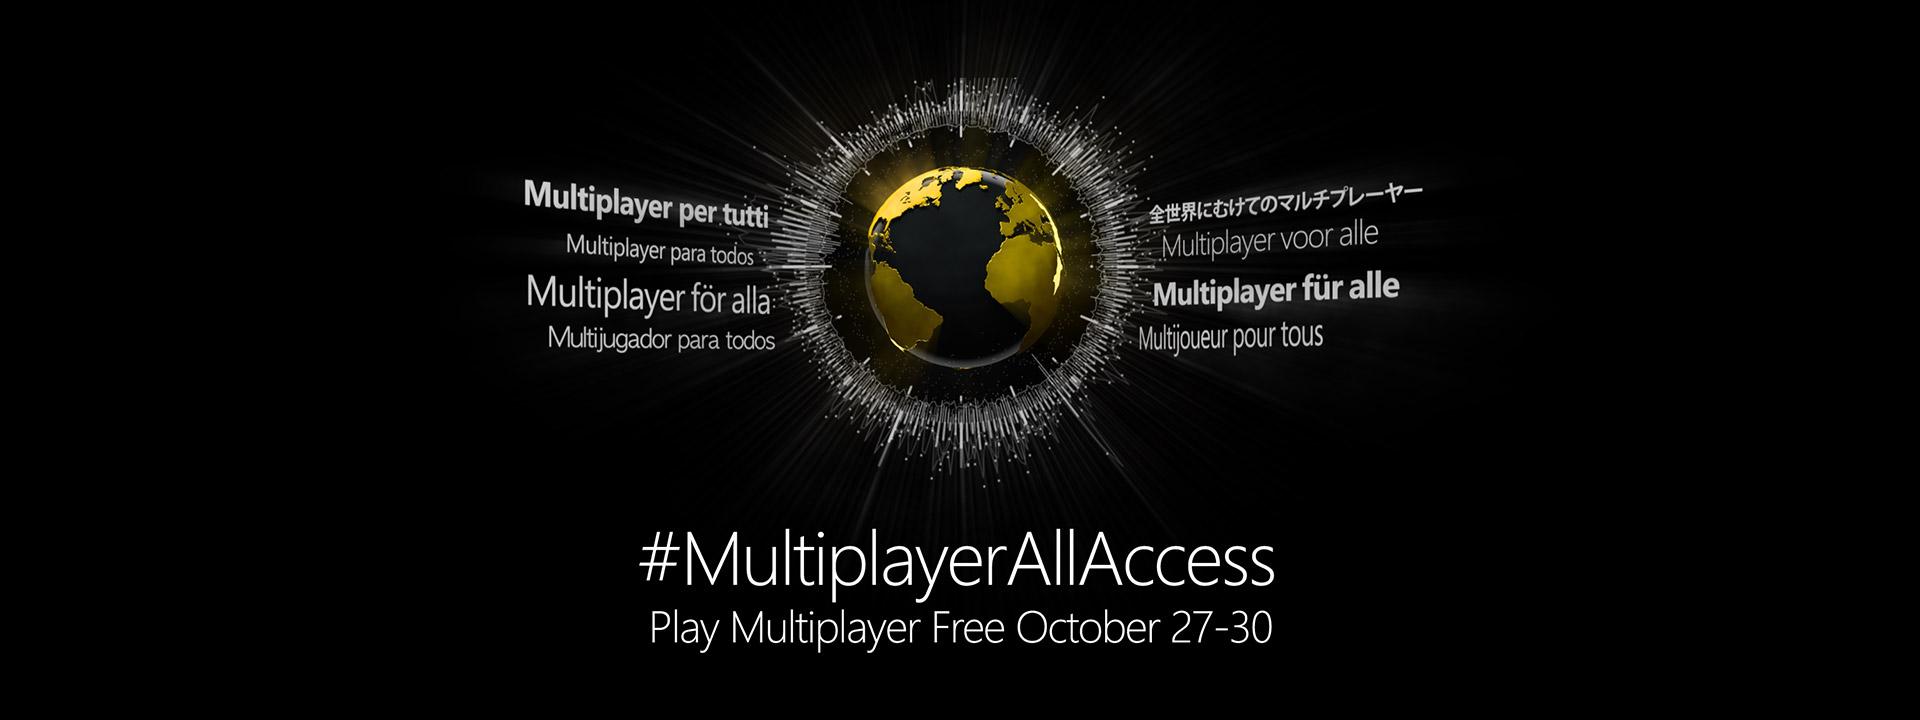 http://compass.xbox.com/assets/e1/4d/e14dc316-0135-47d8-bb06-438b481c3436.jpg?n=Free-Multiplayer-Oct-2016_hero-desktop_1920x720_04.jpg